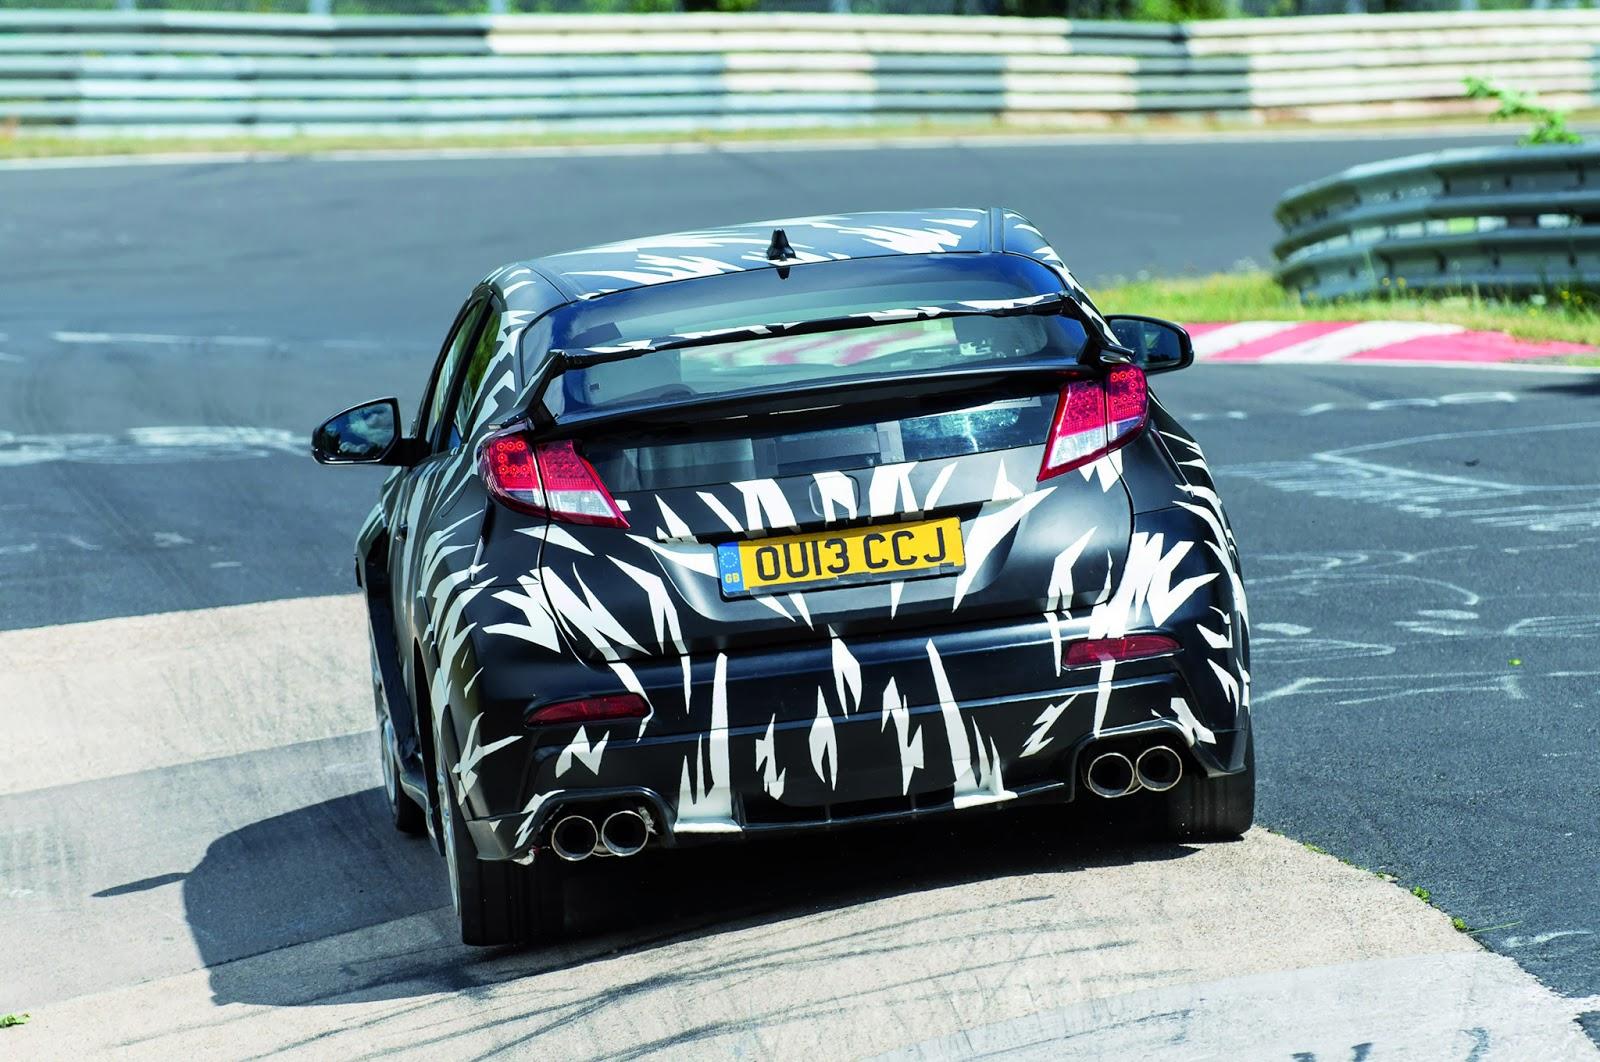 New Honda Civic Hatchback Mk9 2013: Honda Civic Type R 2015